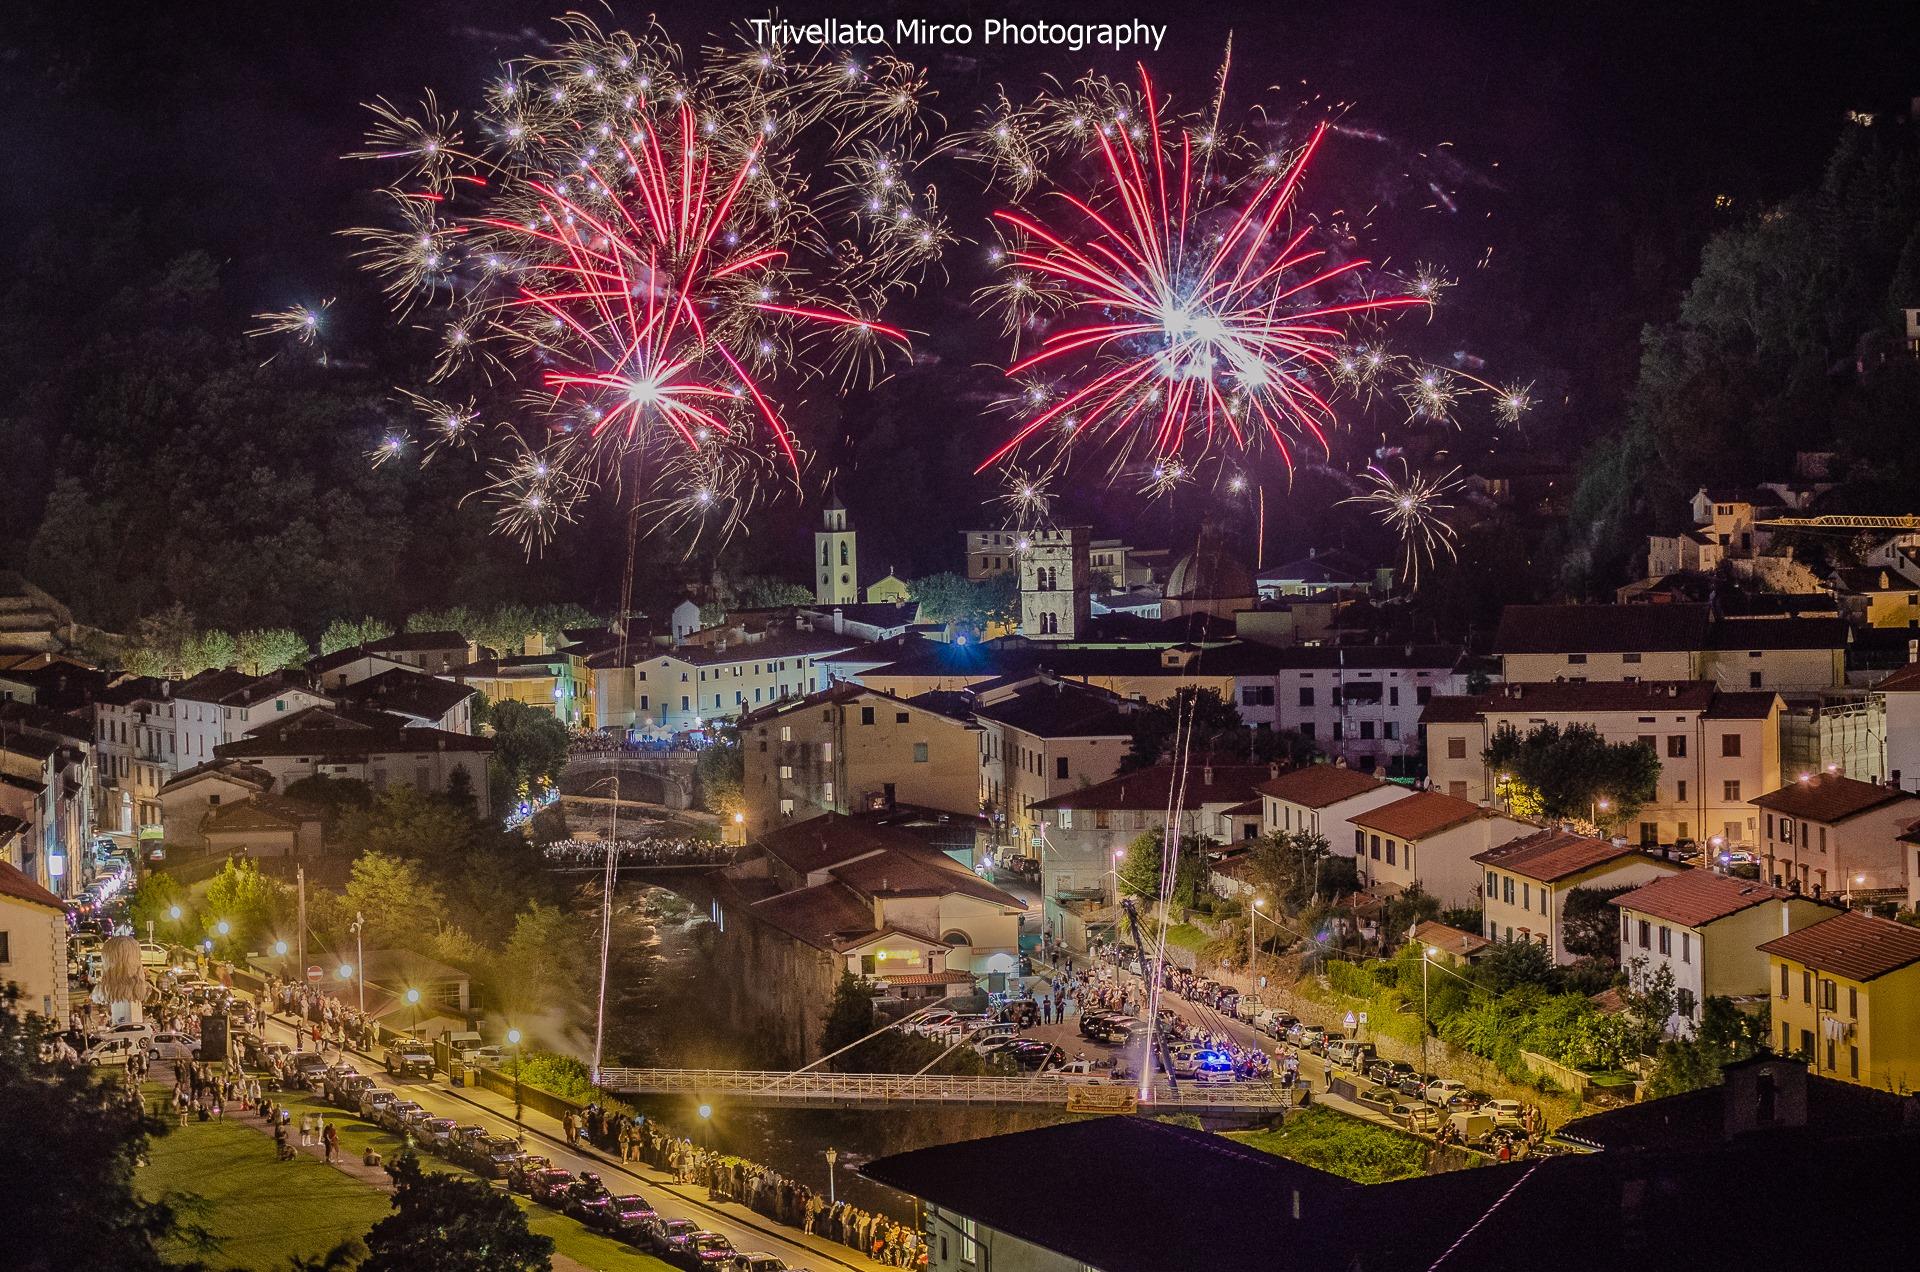 Notte di San Lorenzo con fuochi d'artificio ieri sera a Seravezza: le foto di Mirco Trivellato